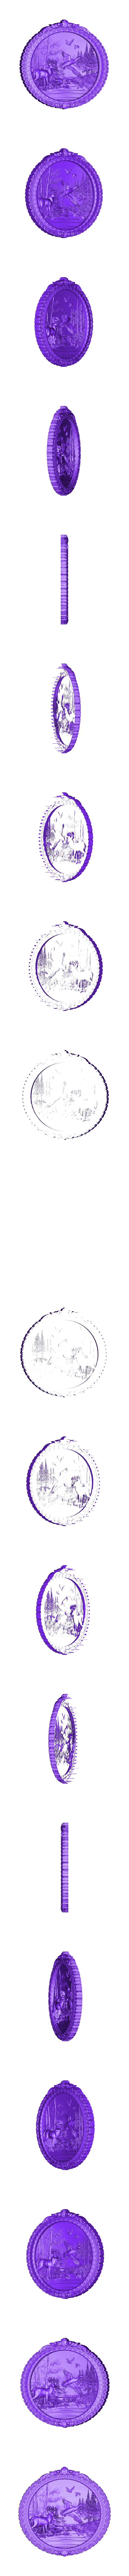 177.stl Télécharger fichier STL gratuit canards et cerfs dans la forêt cadre art cnc routeur cnc • Design à imprimer en 3D, CNC_file_and_3D_Printing